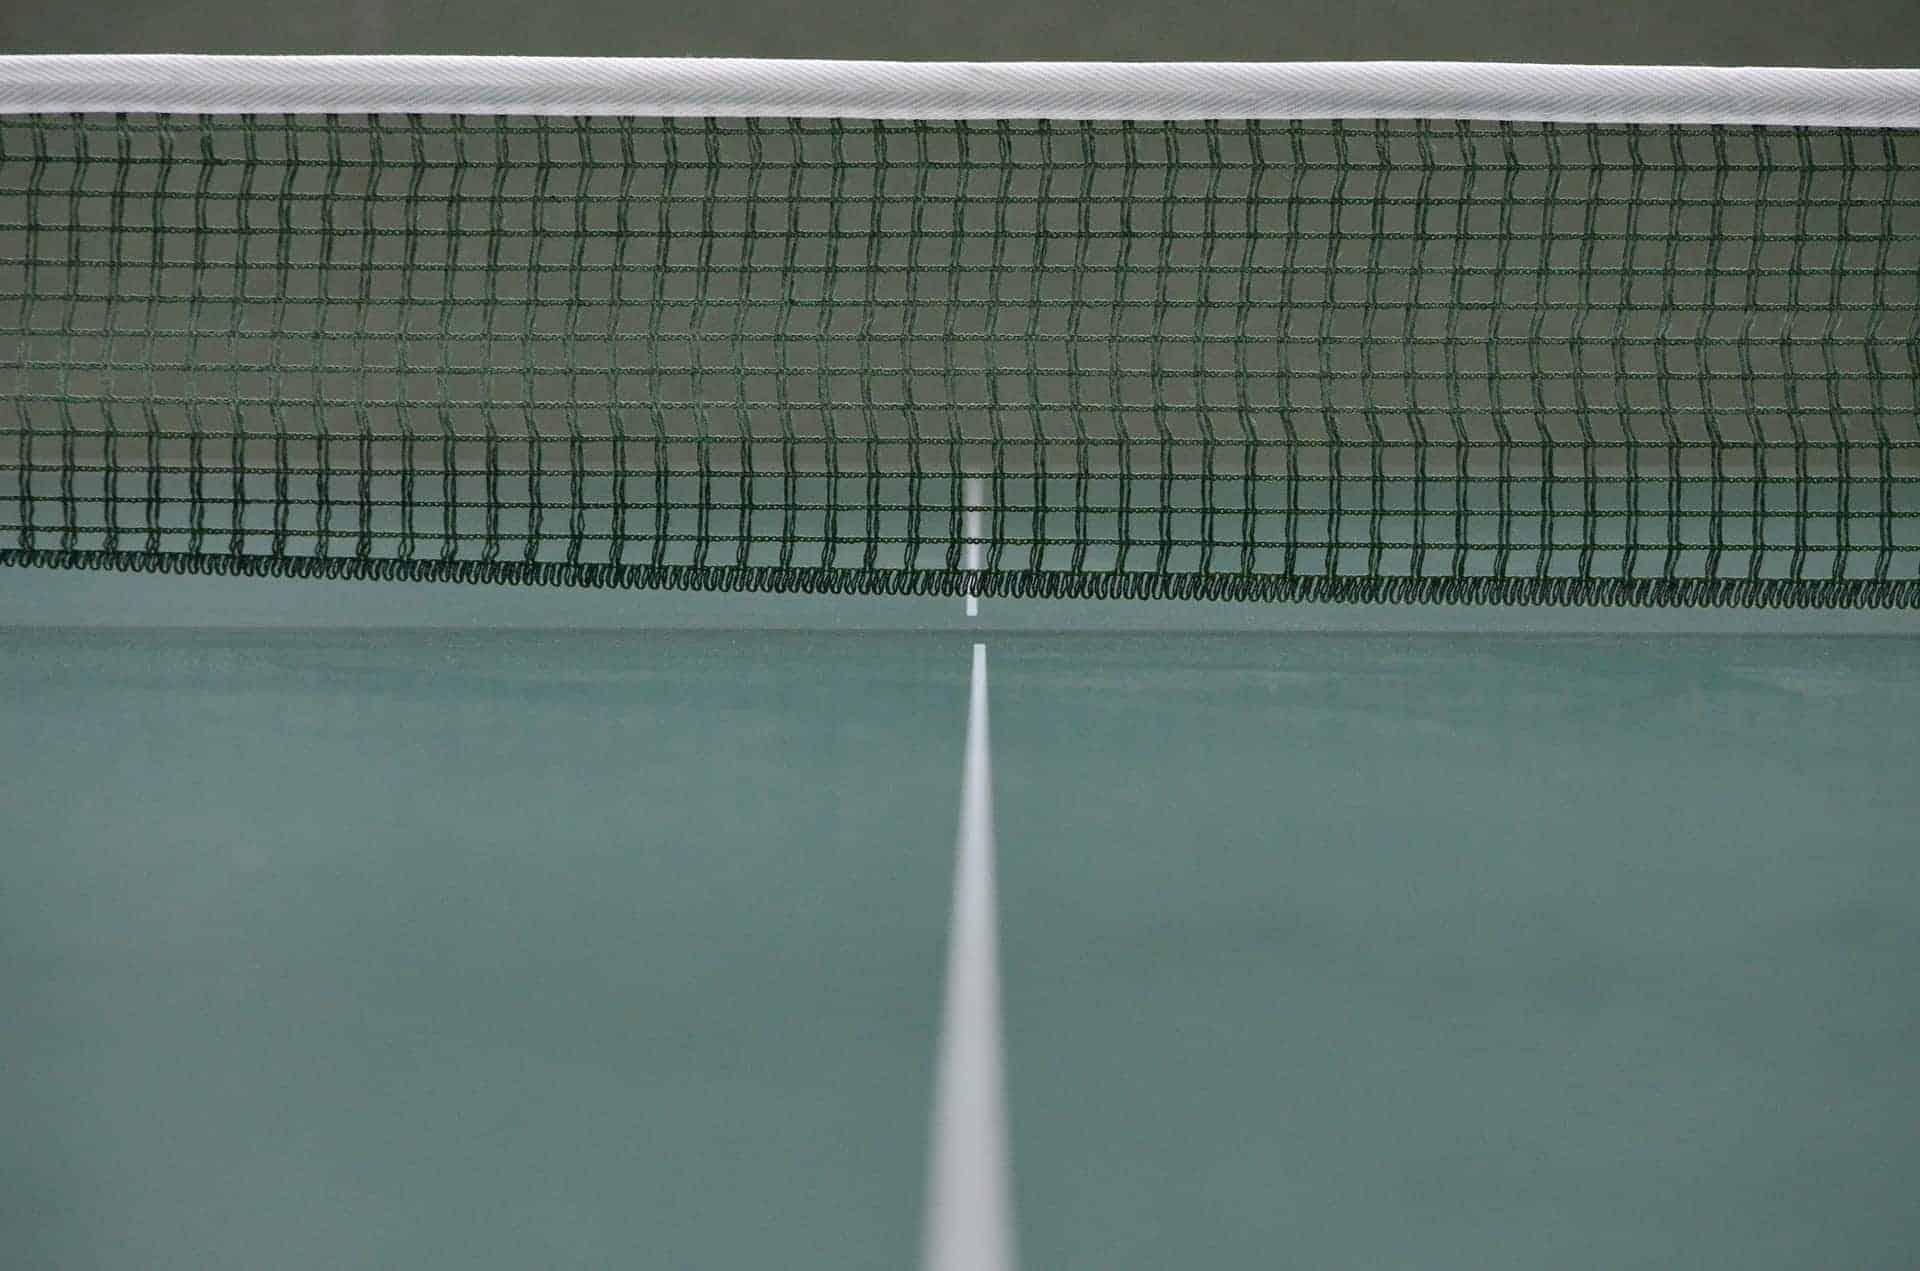 Tischtennisplatte: Test & Empfehlungen (01/21)